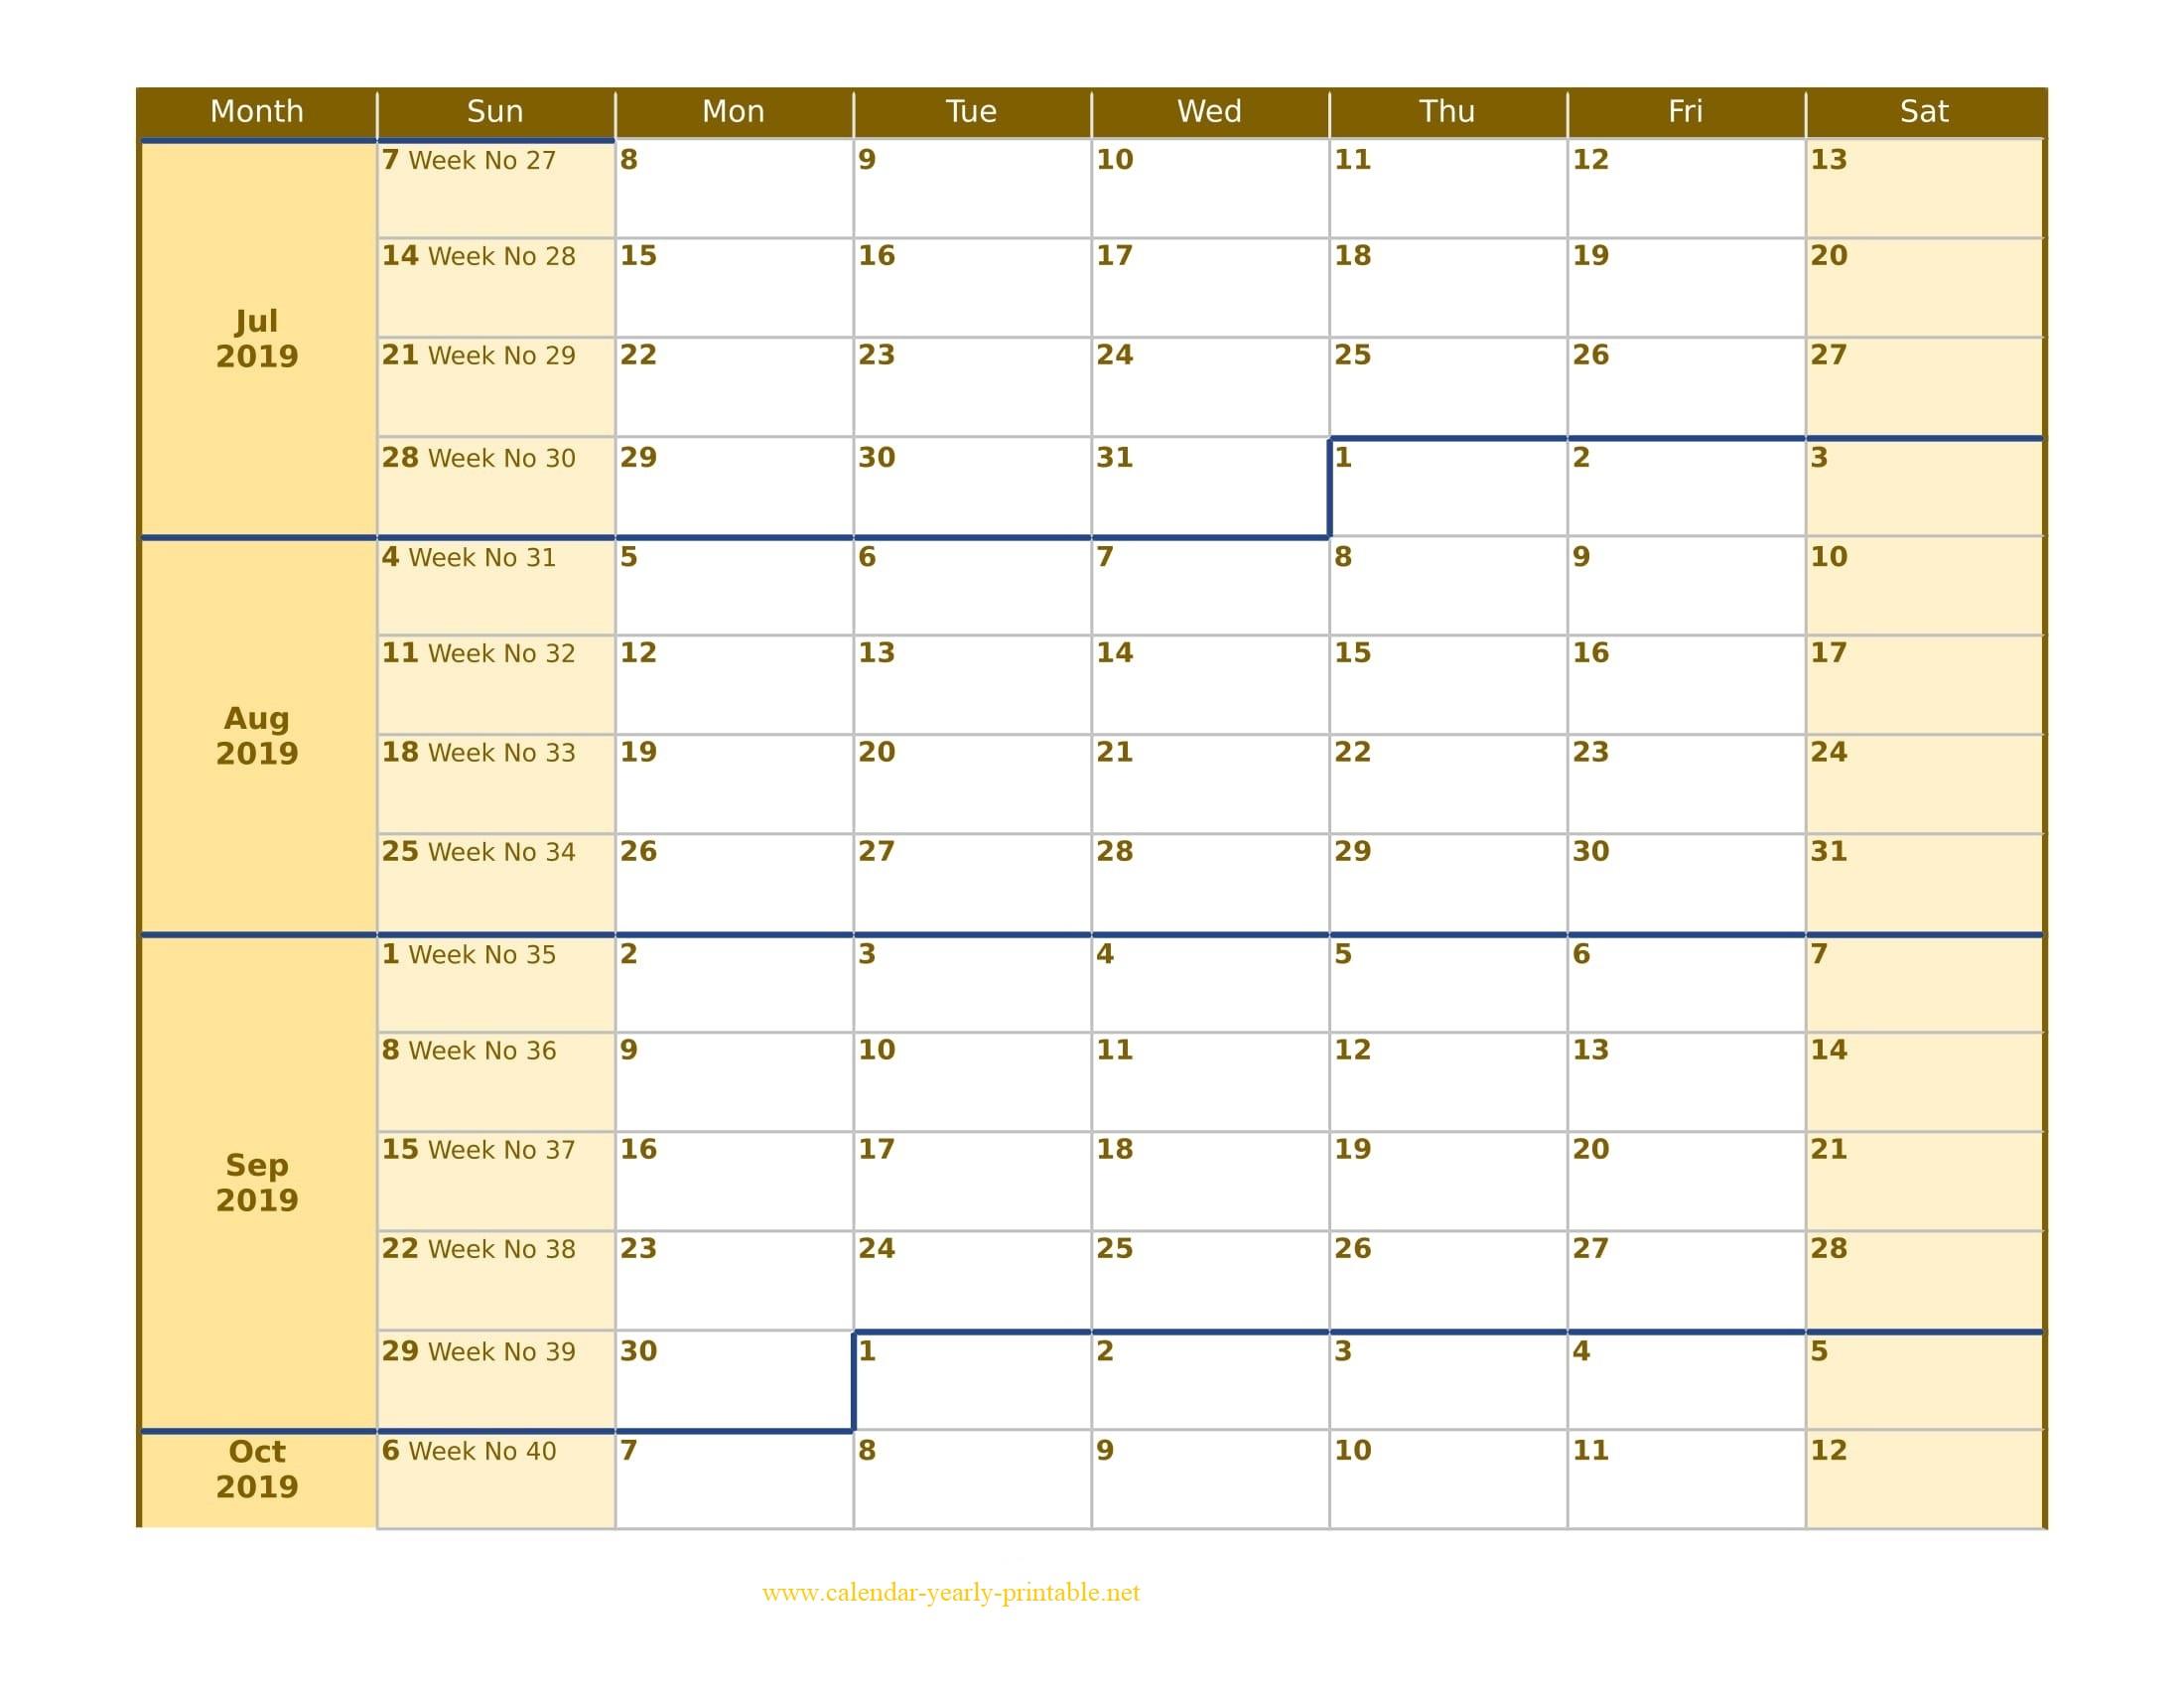 9 Plus Free Weekly Calendar - Calendar Yearly Printable in 1 Week Menu Calendar Template